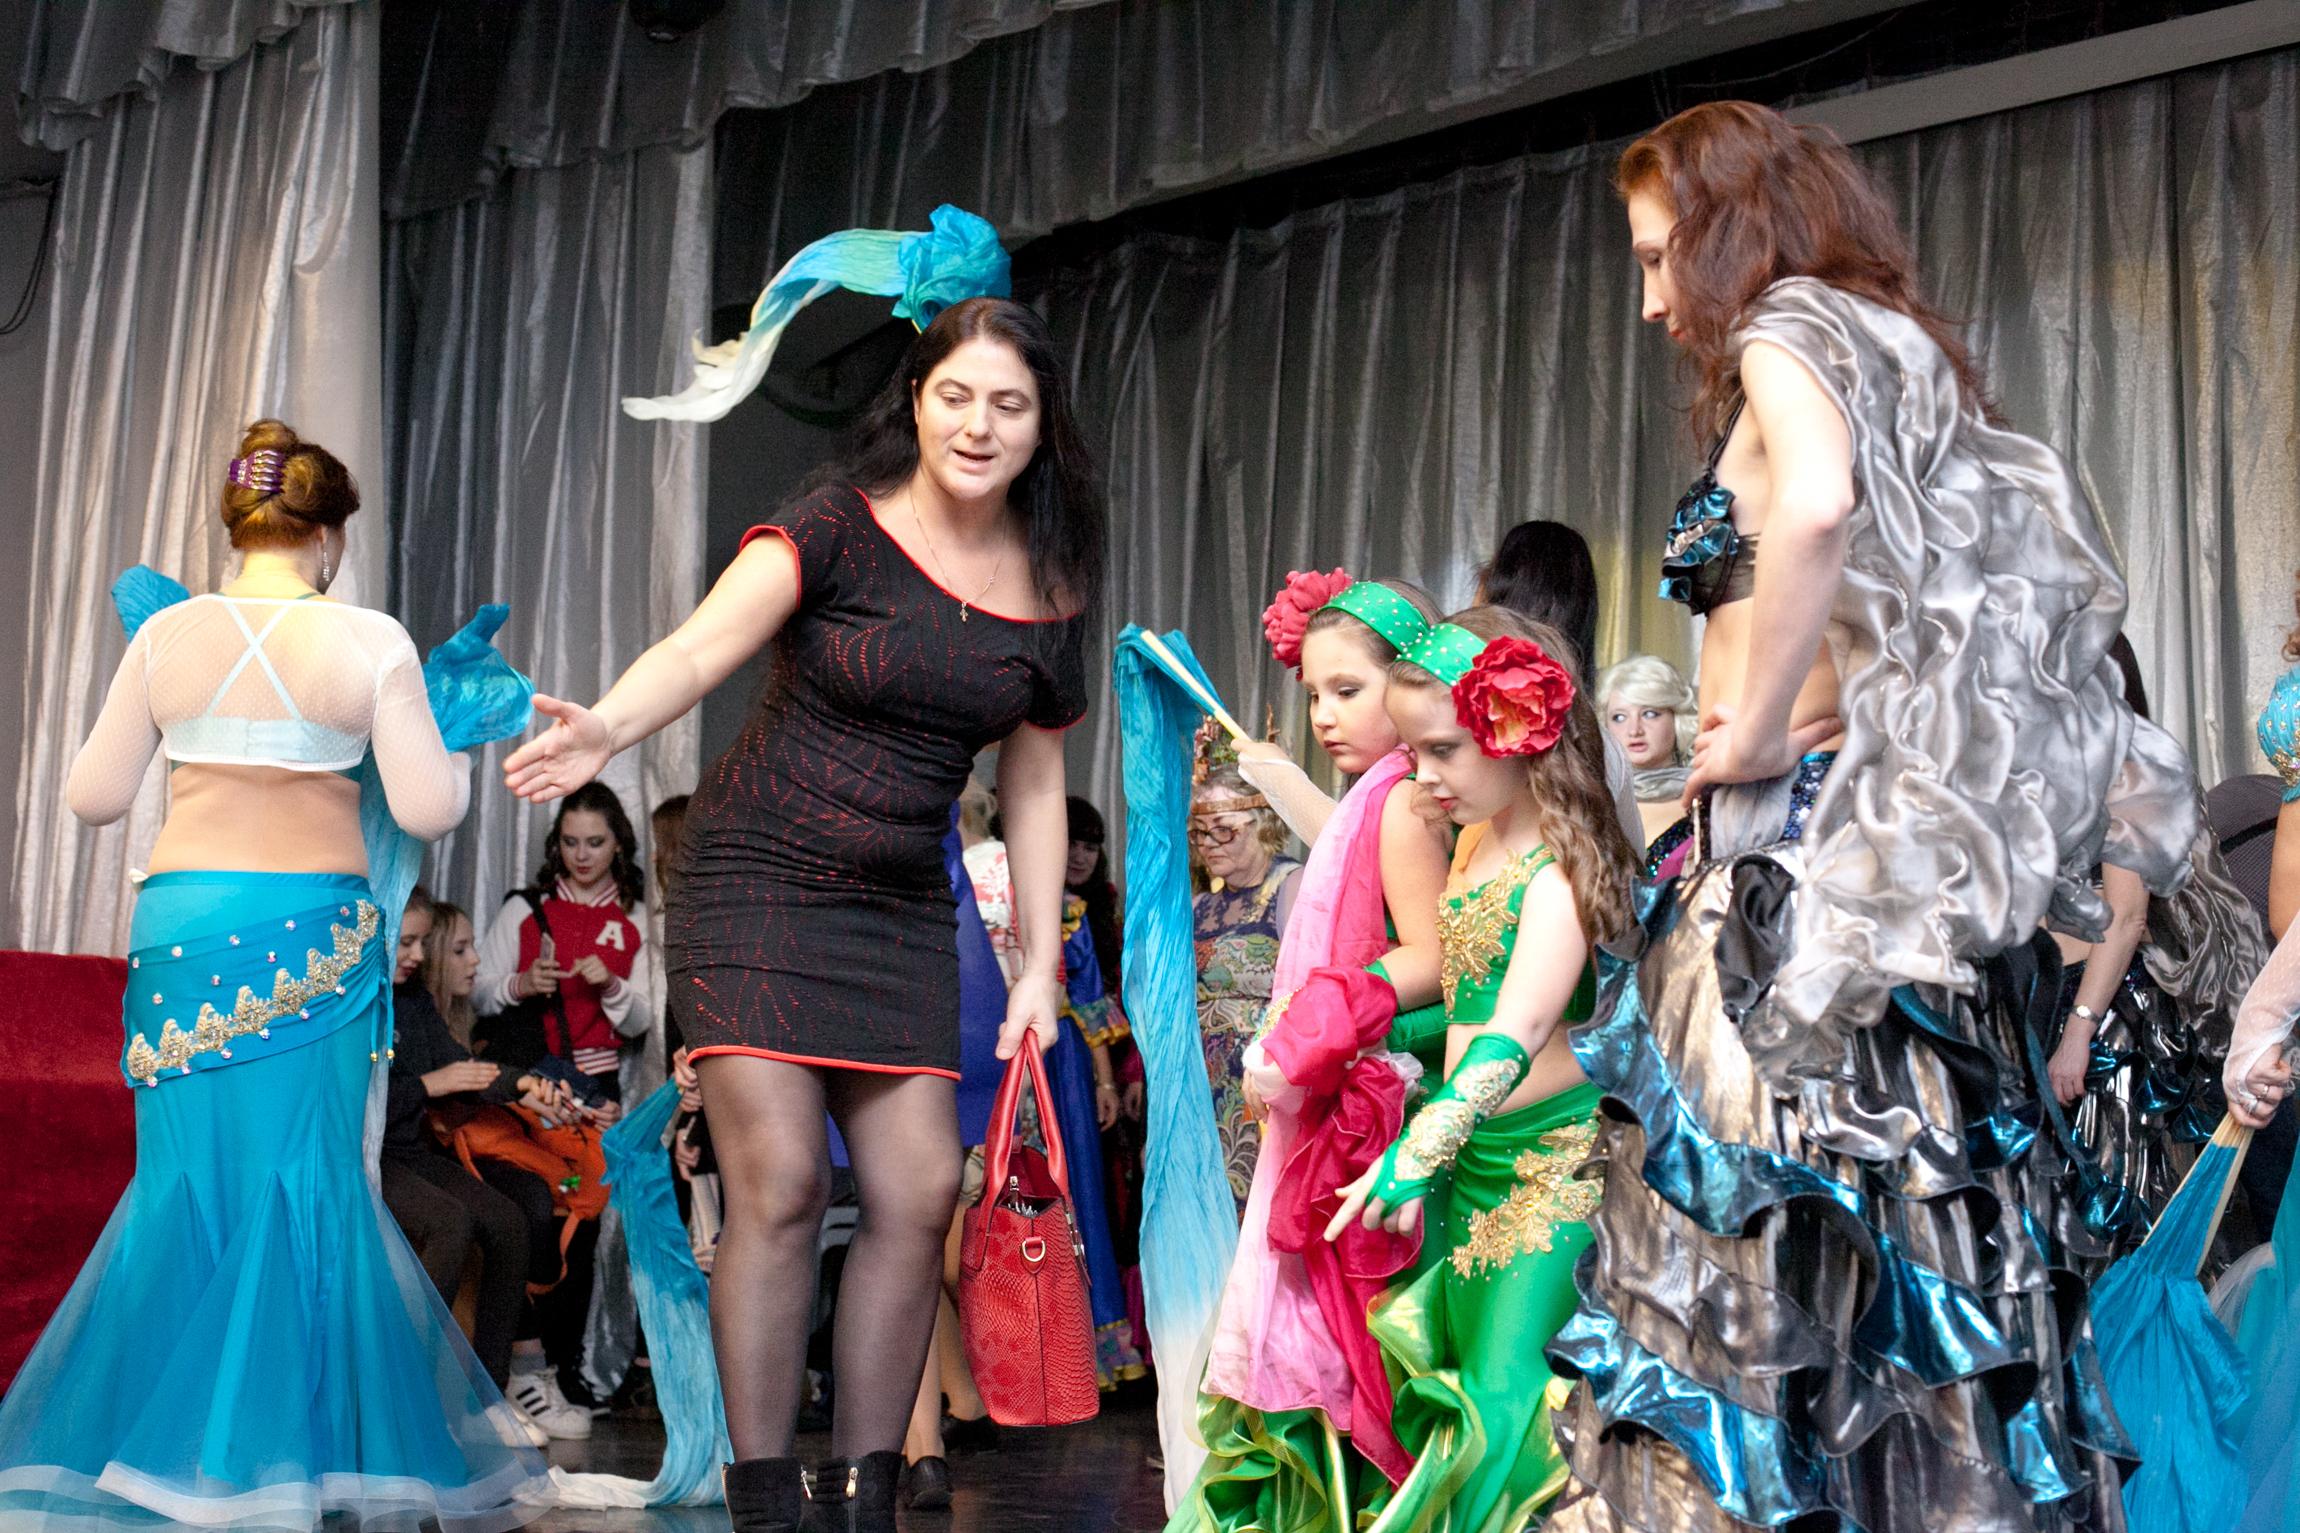 Александра Усанова, педагог по танцу живота, преподаватель восточных танцев, тренер, хореограф-постановщик